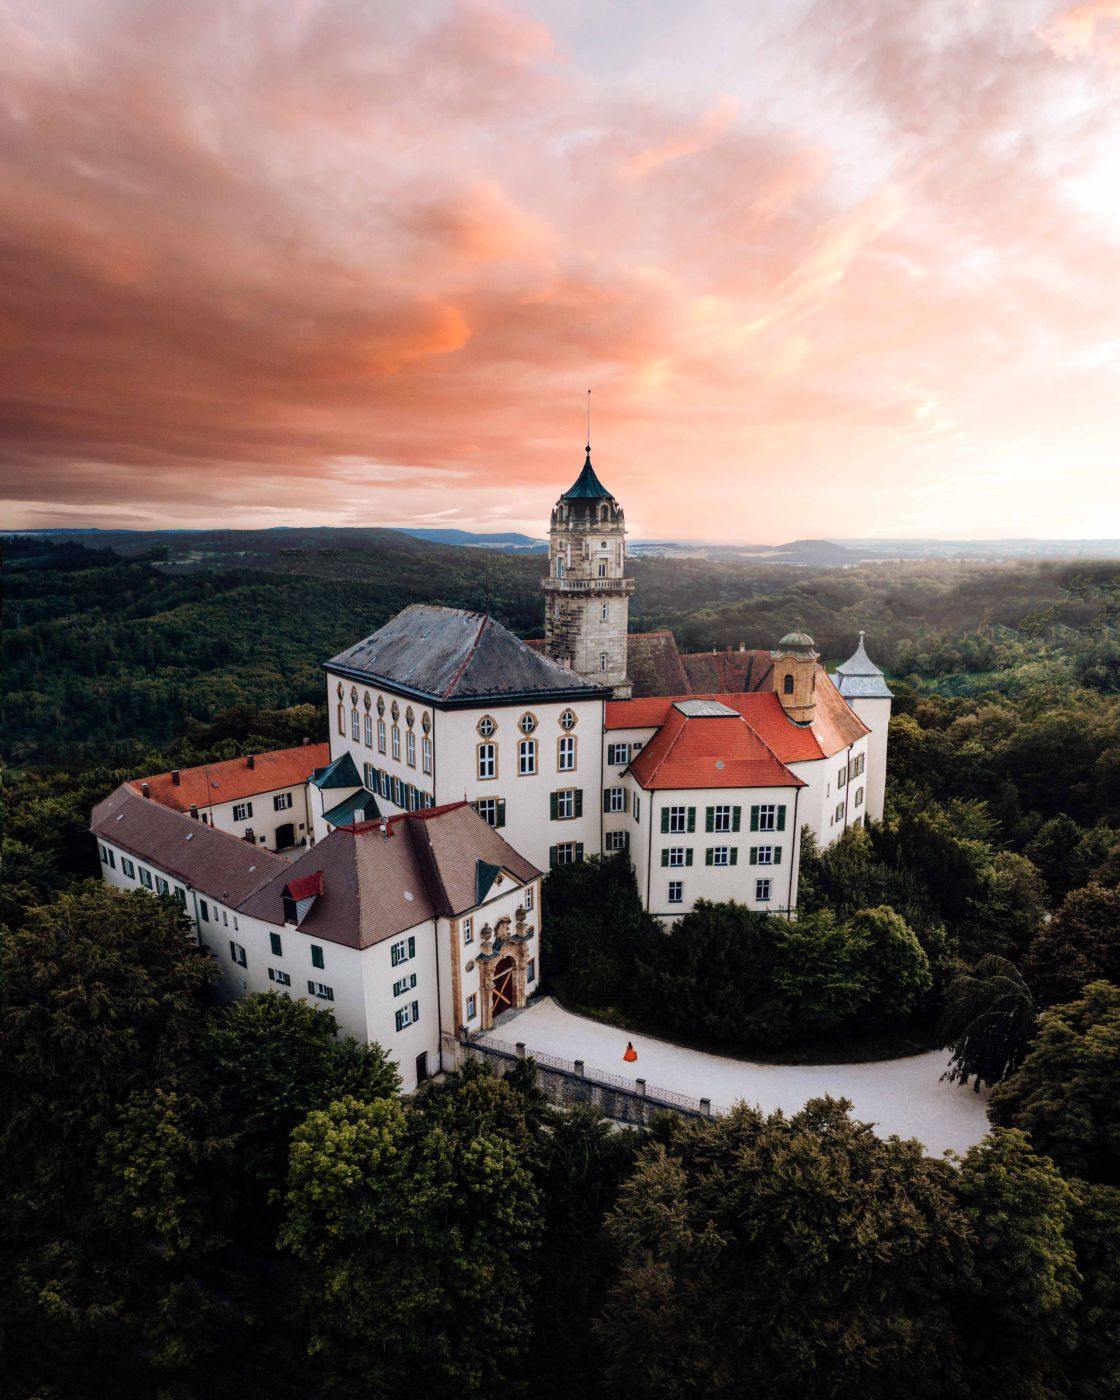 Baldern Castle [Drone], Germany